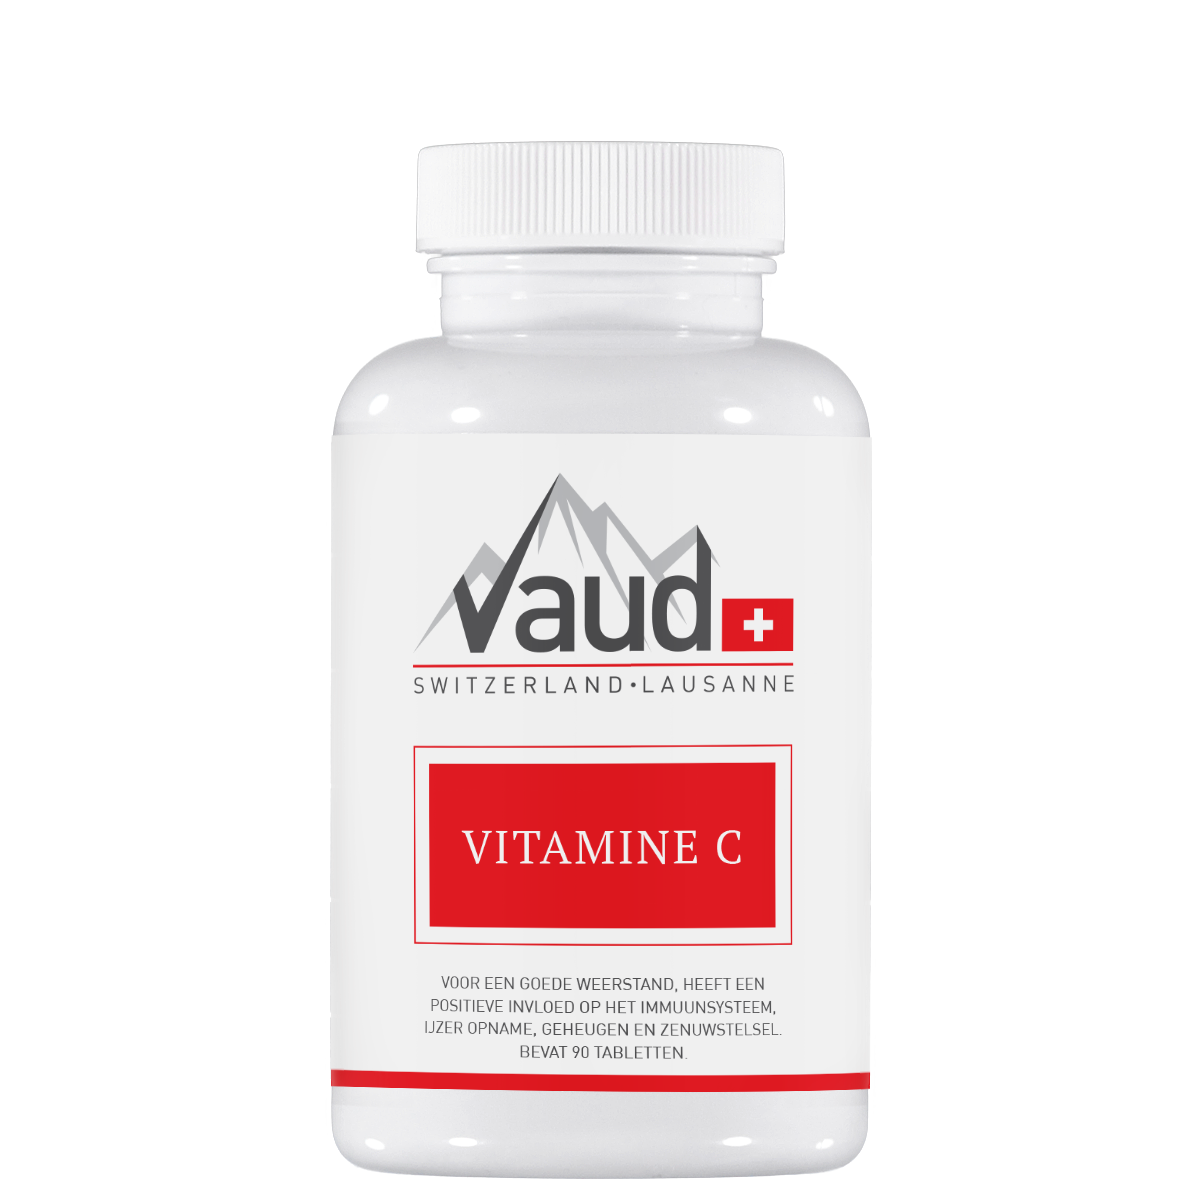 vitamine-c-vaud-weerstand